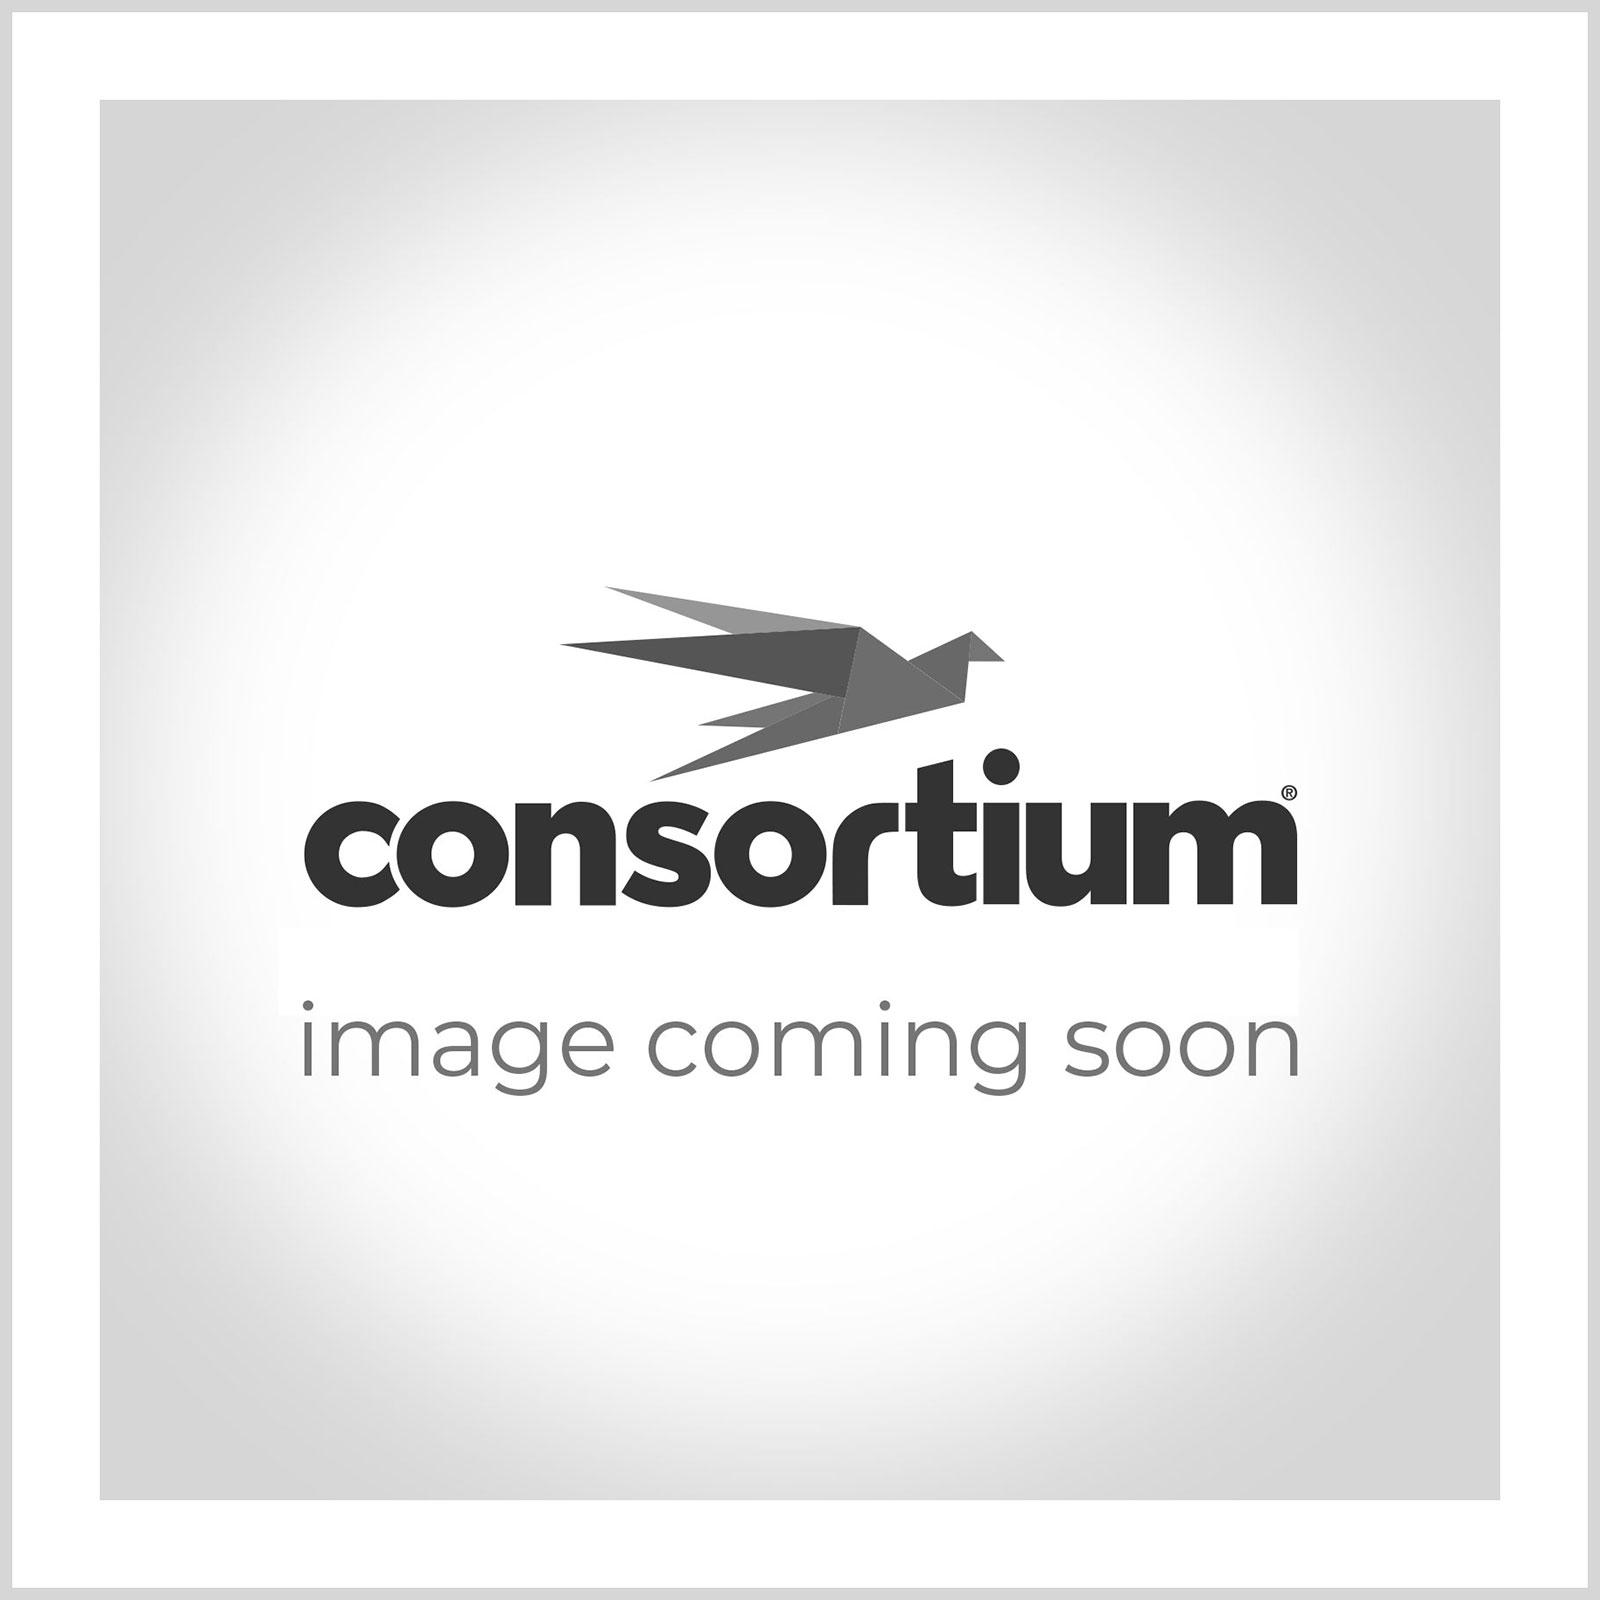 Premium Coloured Headphones